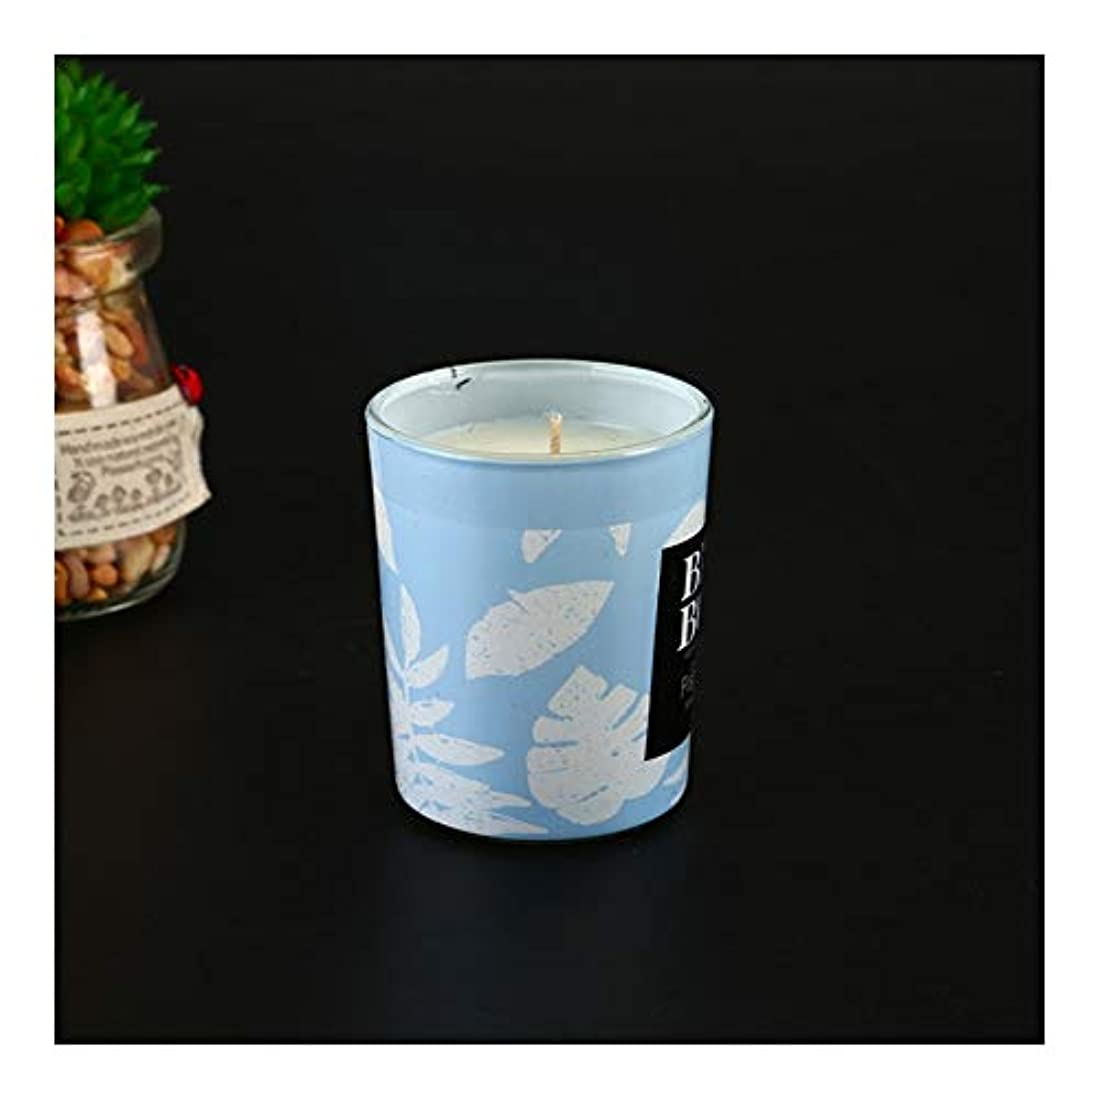 そうランタン適切なZtian アロマセラピーキャンドルカップ告白アーティファクトキャンドル手で環境に優しい無煙大豆ワックス (色 : Blue wind chime)